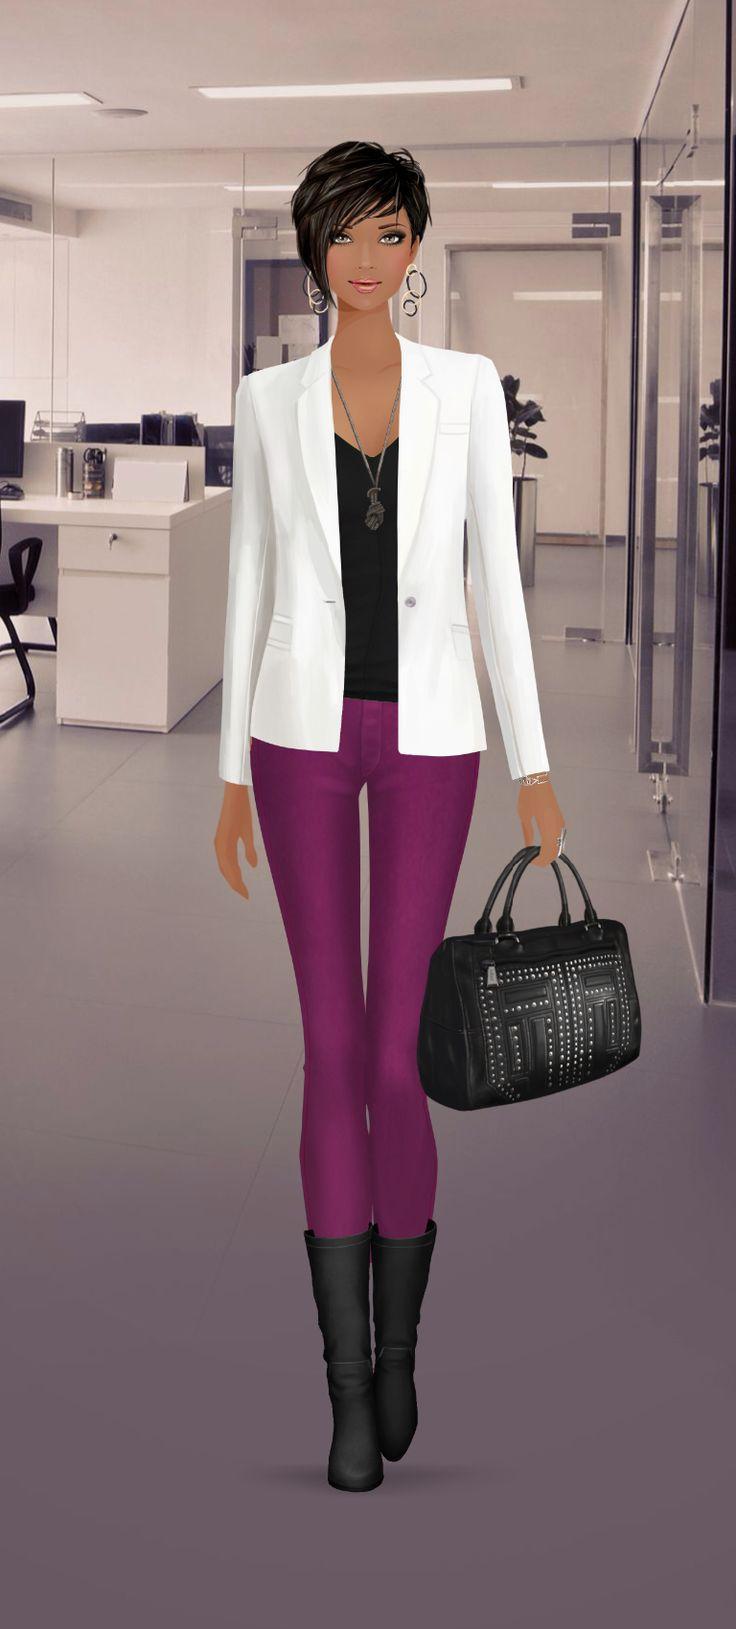 Covet Fashion  Sophisticated Fashion